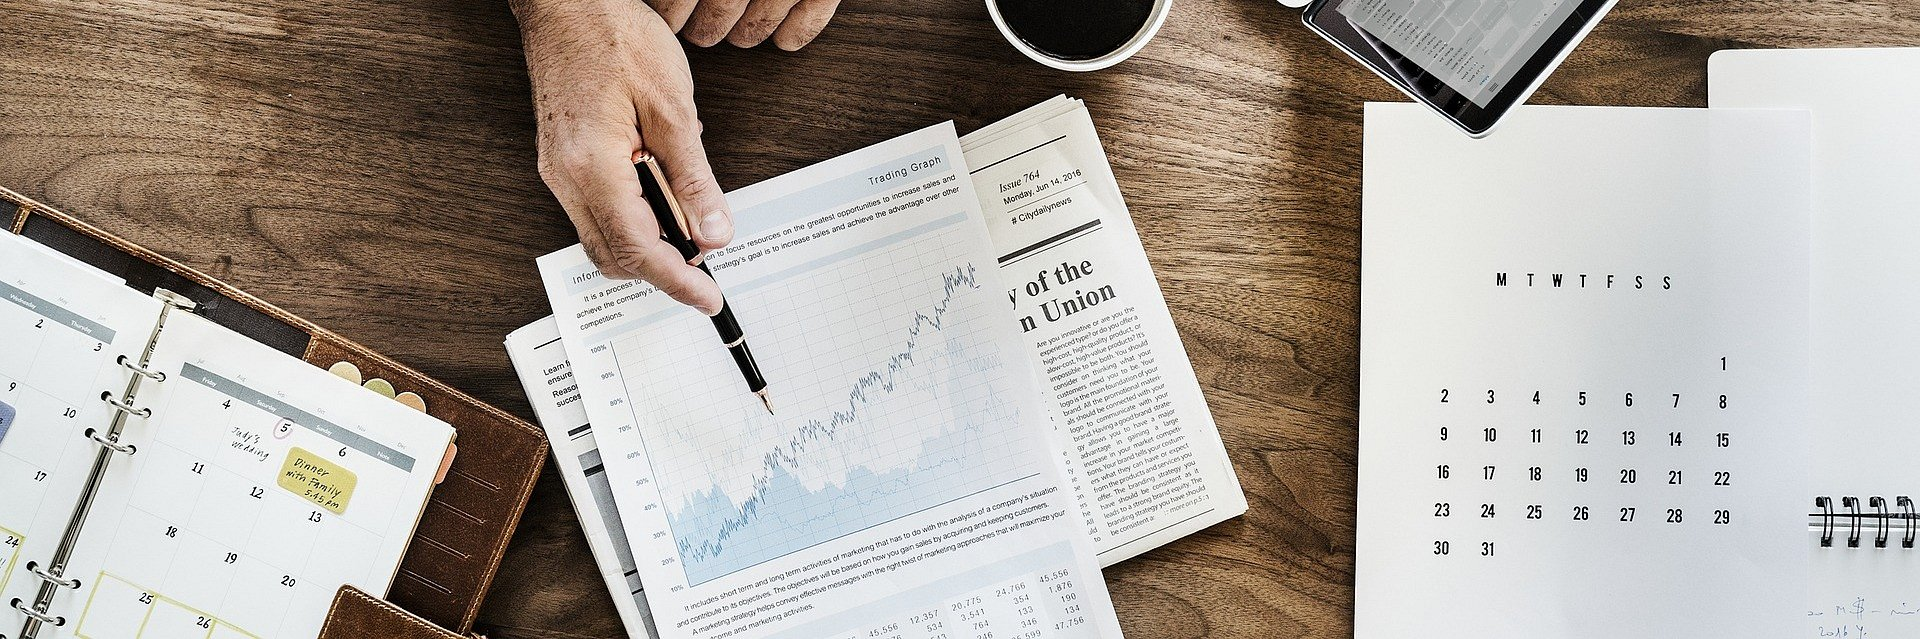 Wynagrodzenia w branży komunikacji marketingowej 2019